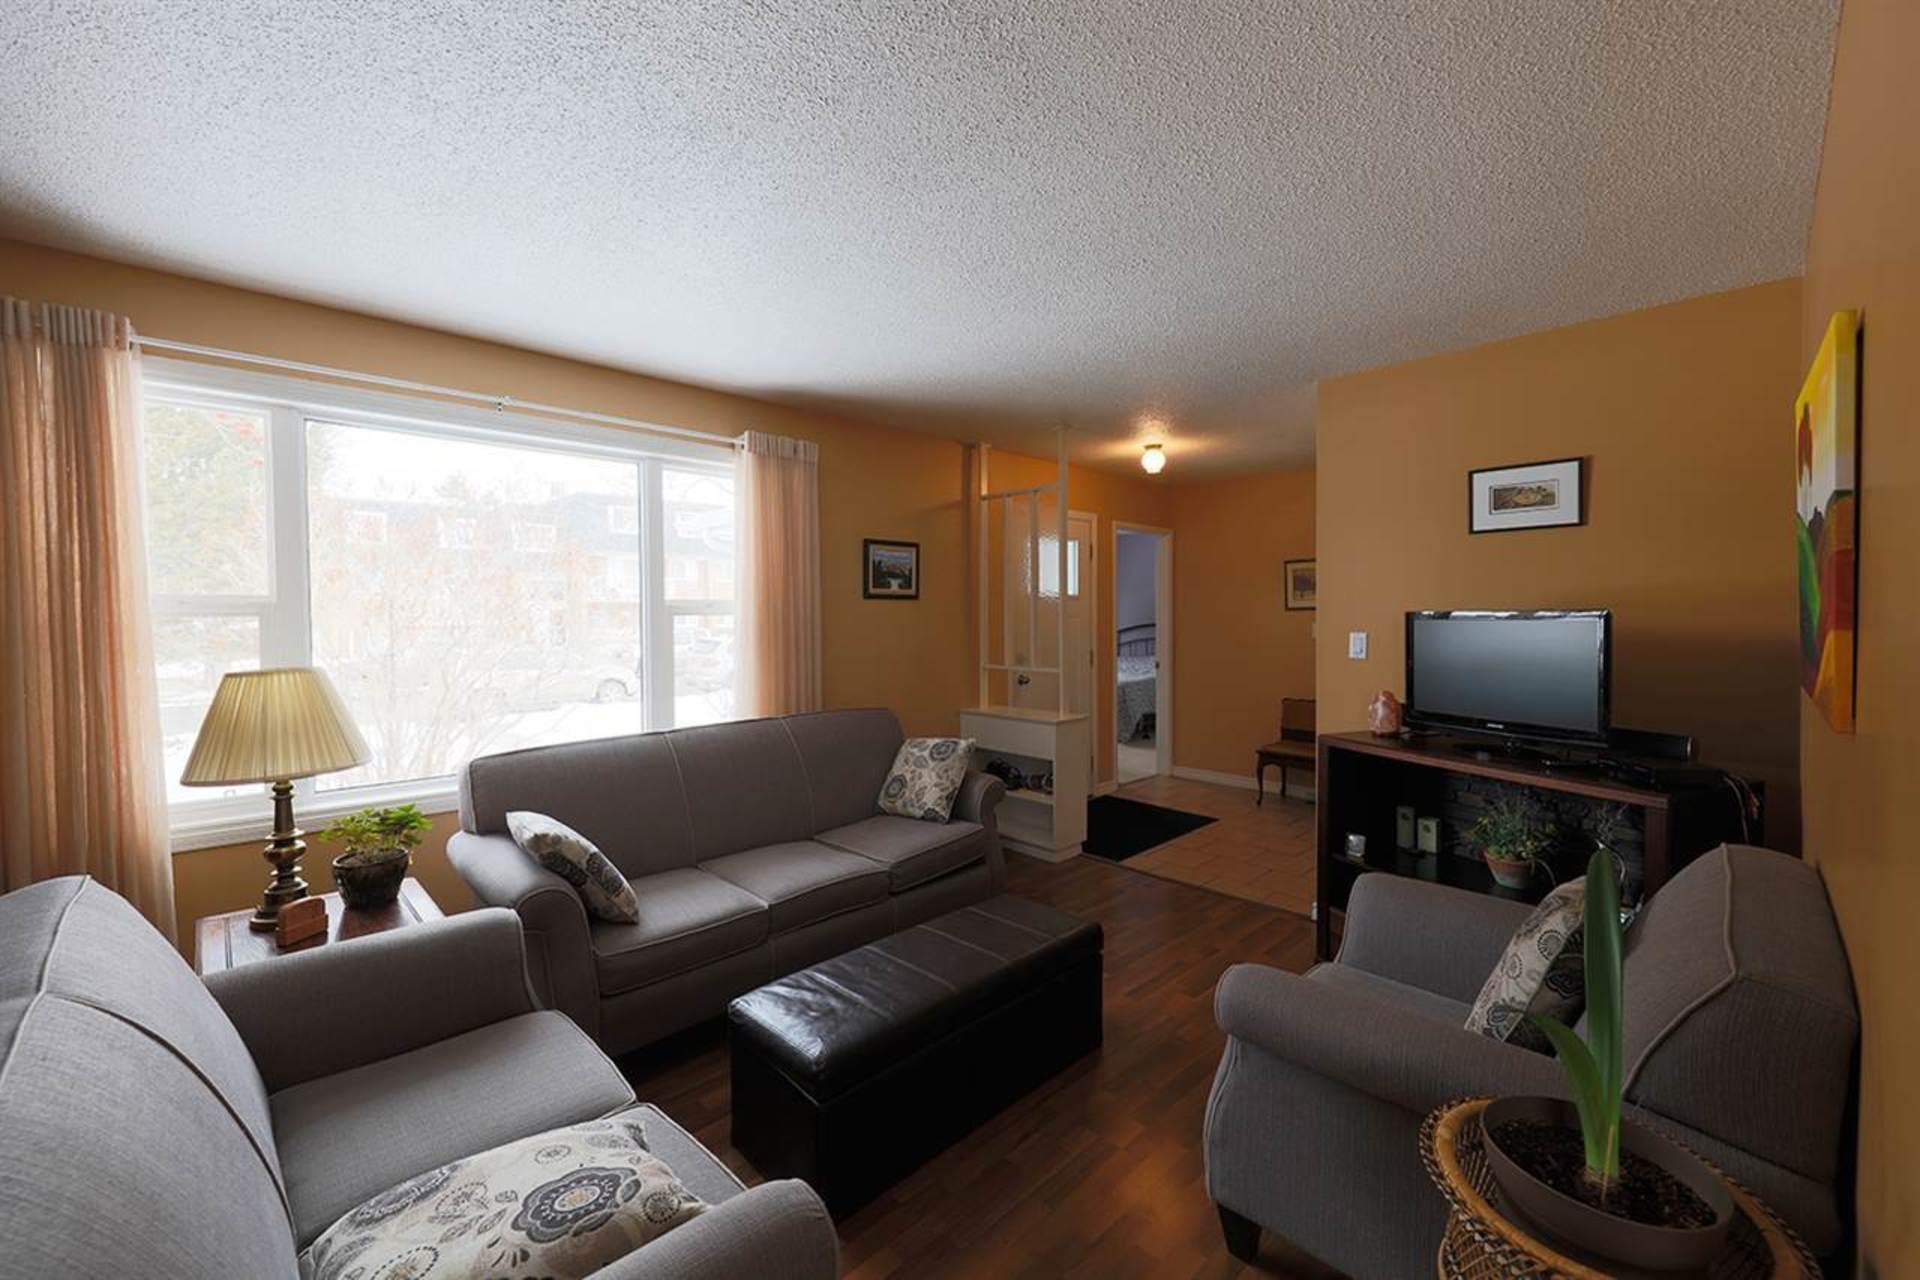 7423-141-avenue-kildare-edmonton-03 at 7423 141 Avenue, Kildare, Edmonton